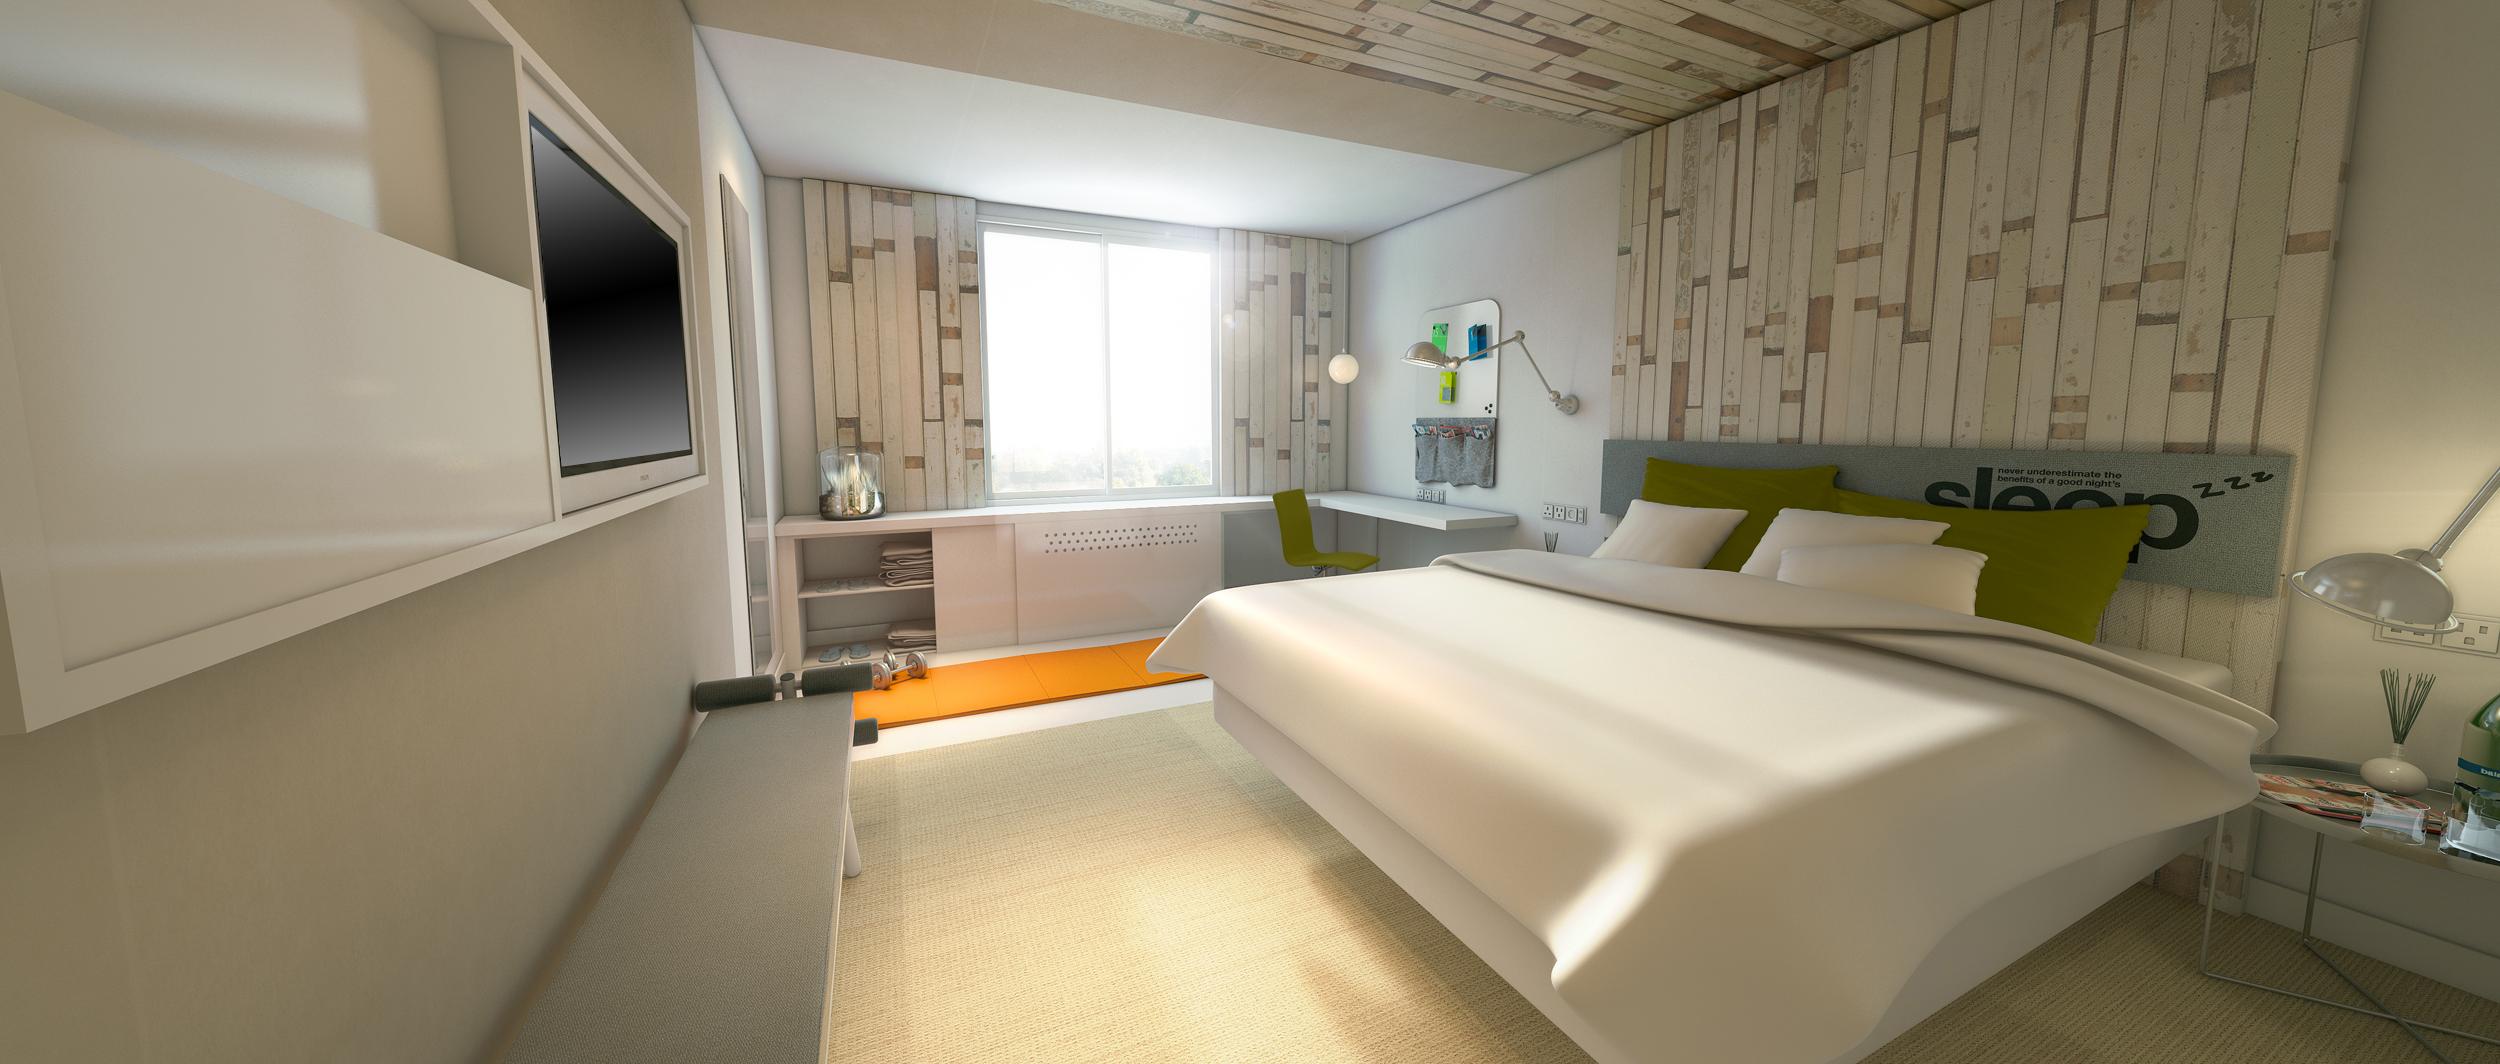 EVEN Hotels bedroom